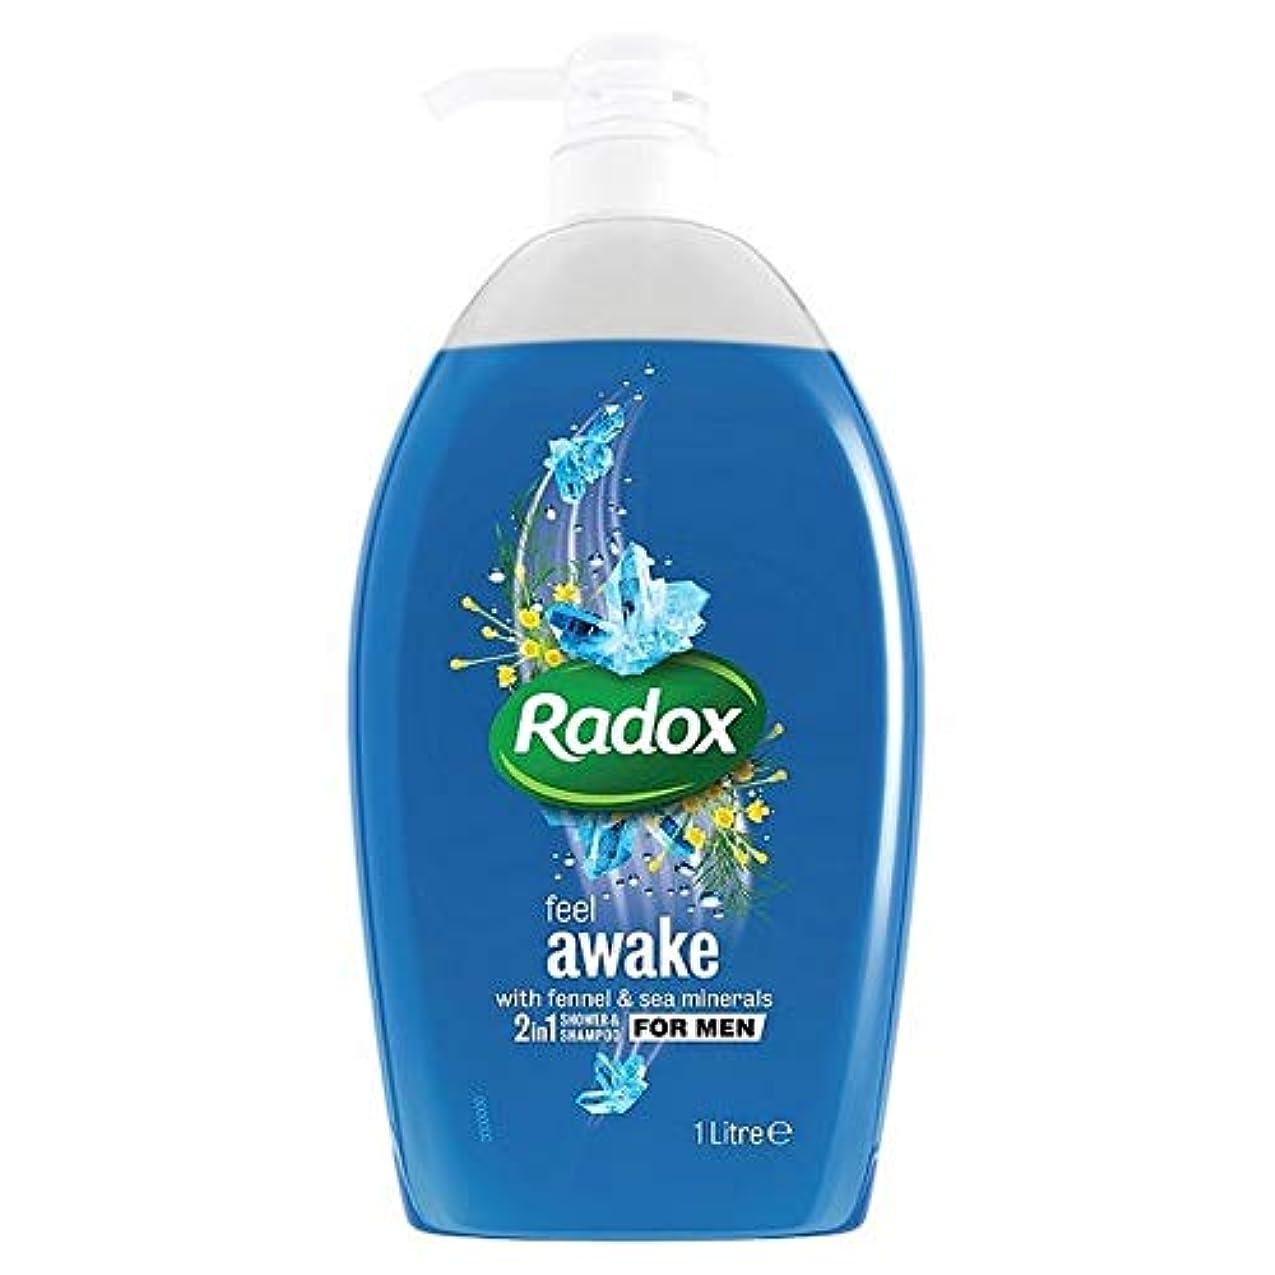 助けて偏見無限大[Radox] Radoxは男性の2In1シャワーゲル1リットル用起き感じます - Radox Feel Awake for Men 2in1 Shower Gel 1L [並行輸入品]